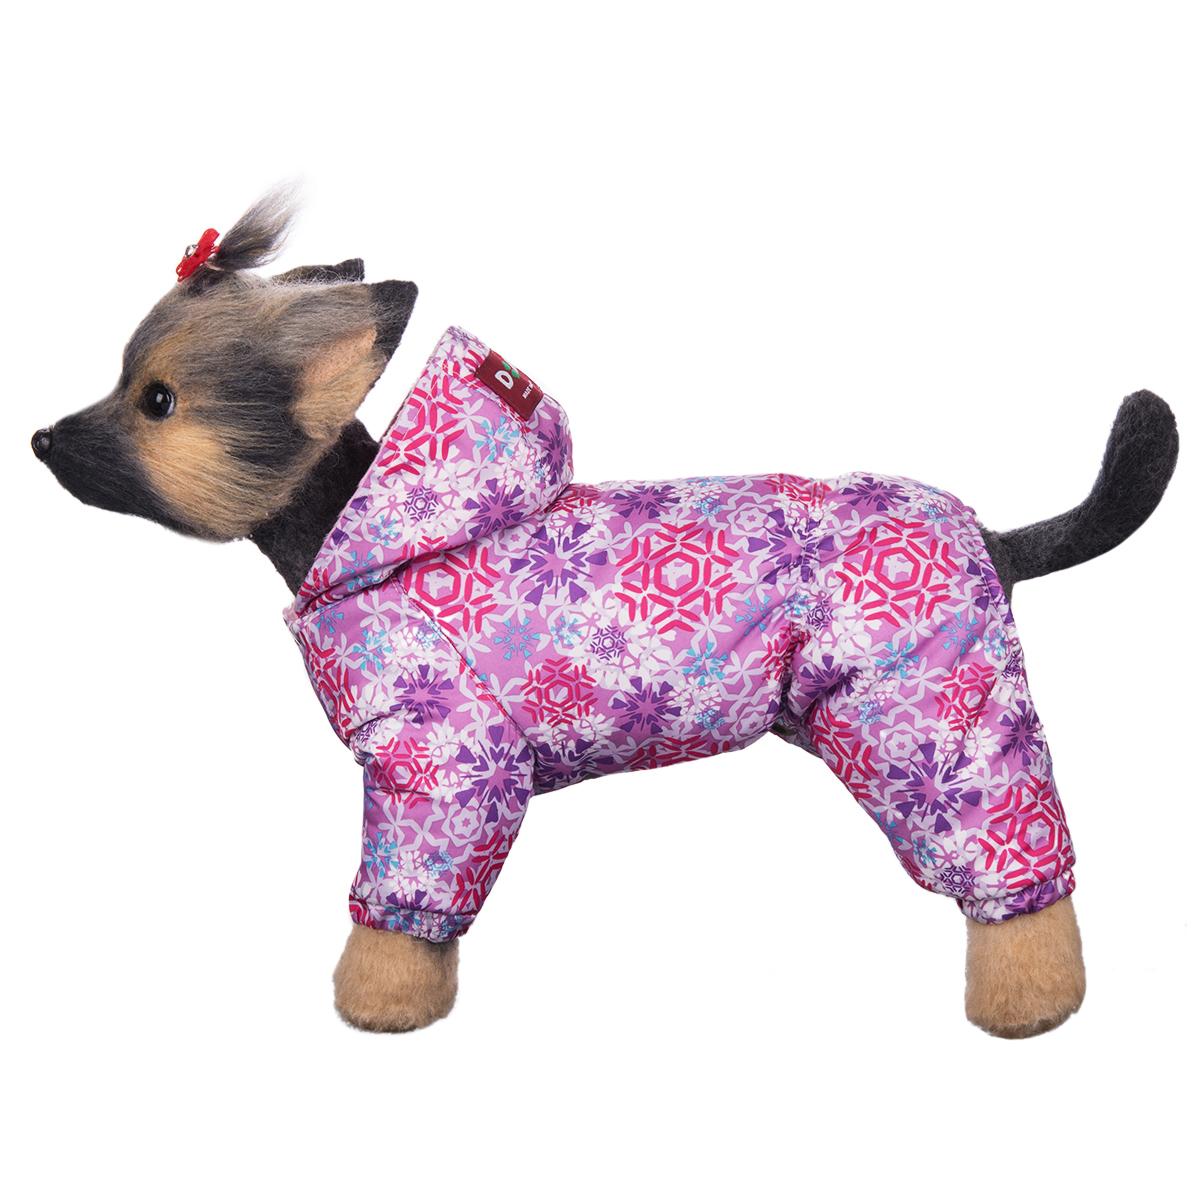 Комбинезон для собак Dogmoda Зима, зимний, для девочки, цвет: розовый, белый. Размер 1 (S) комбинезон для собак dogmoda doggs зимний для девочки цвет фиолетовый размер xxl